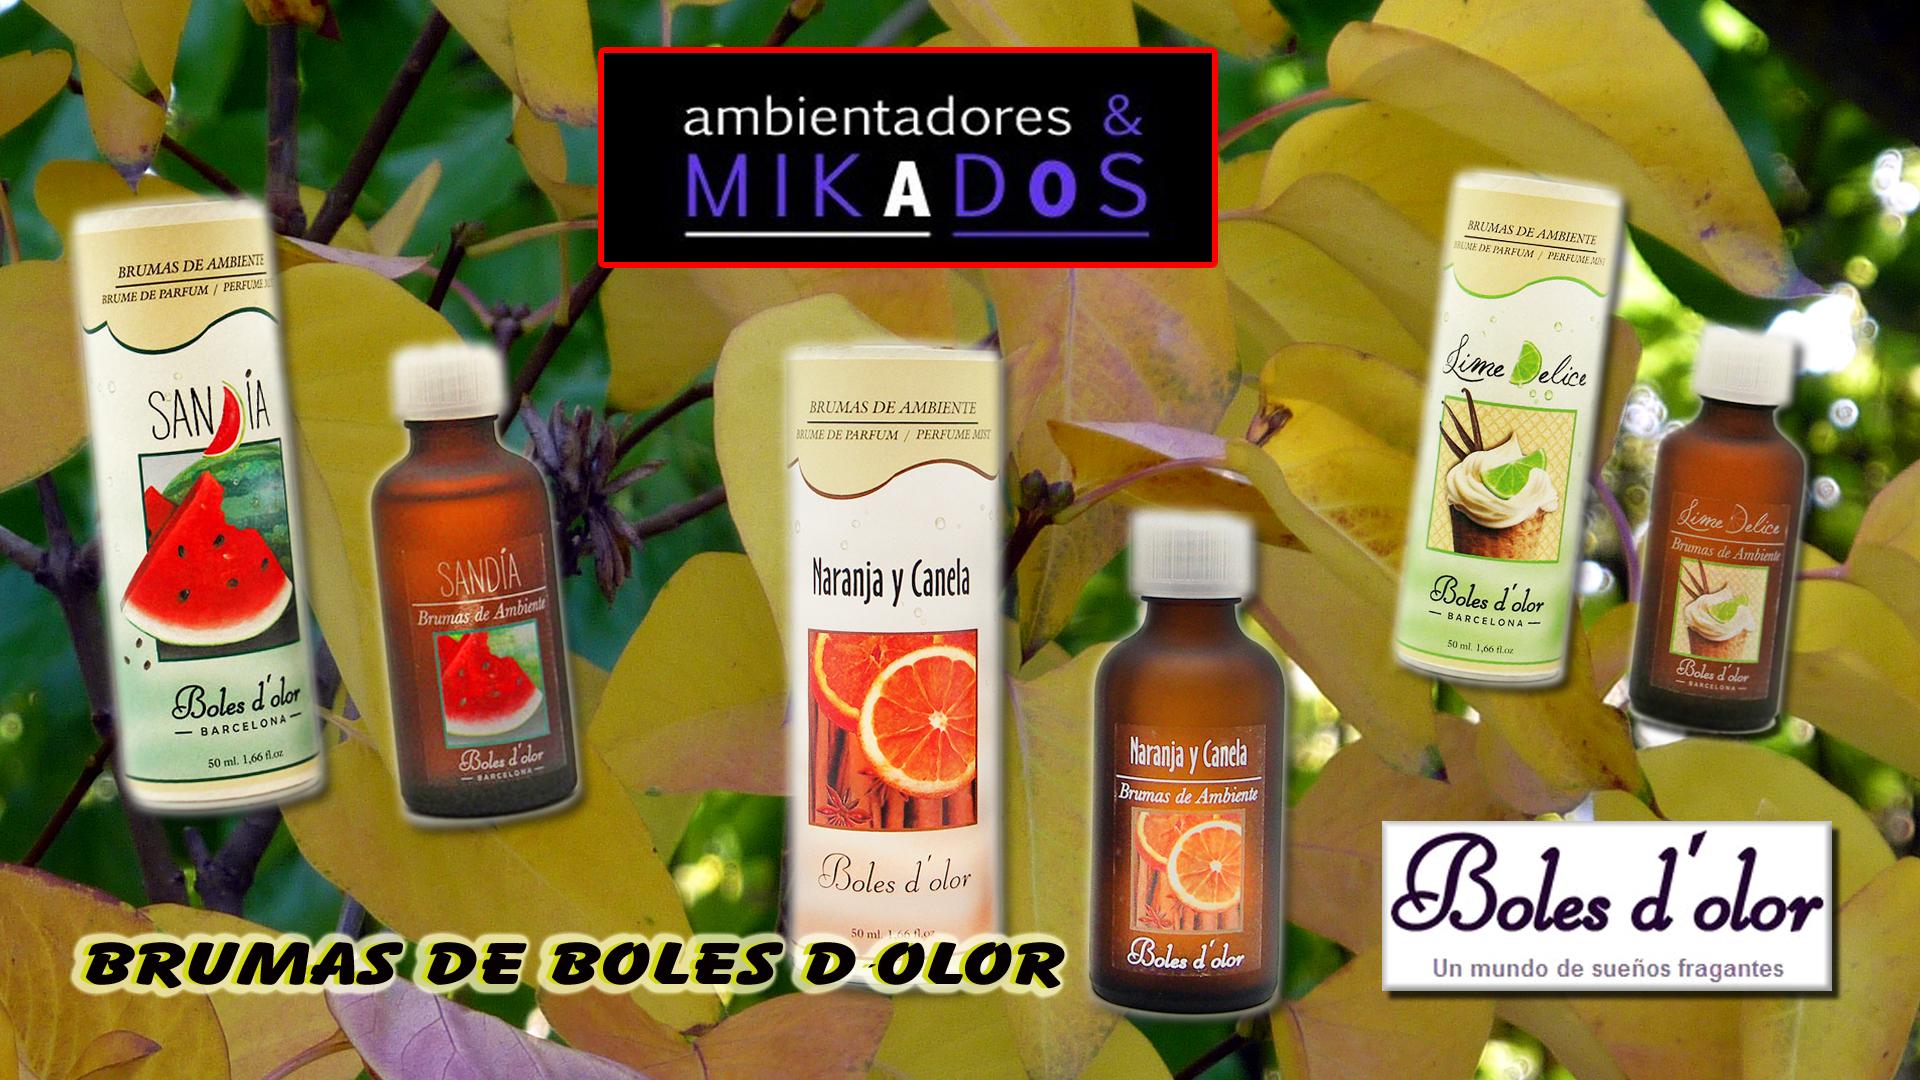 Brumas de boles d olor - Los mejores ambientadores ...